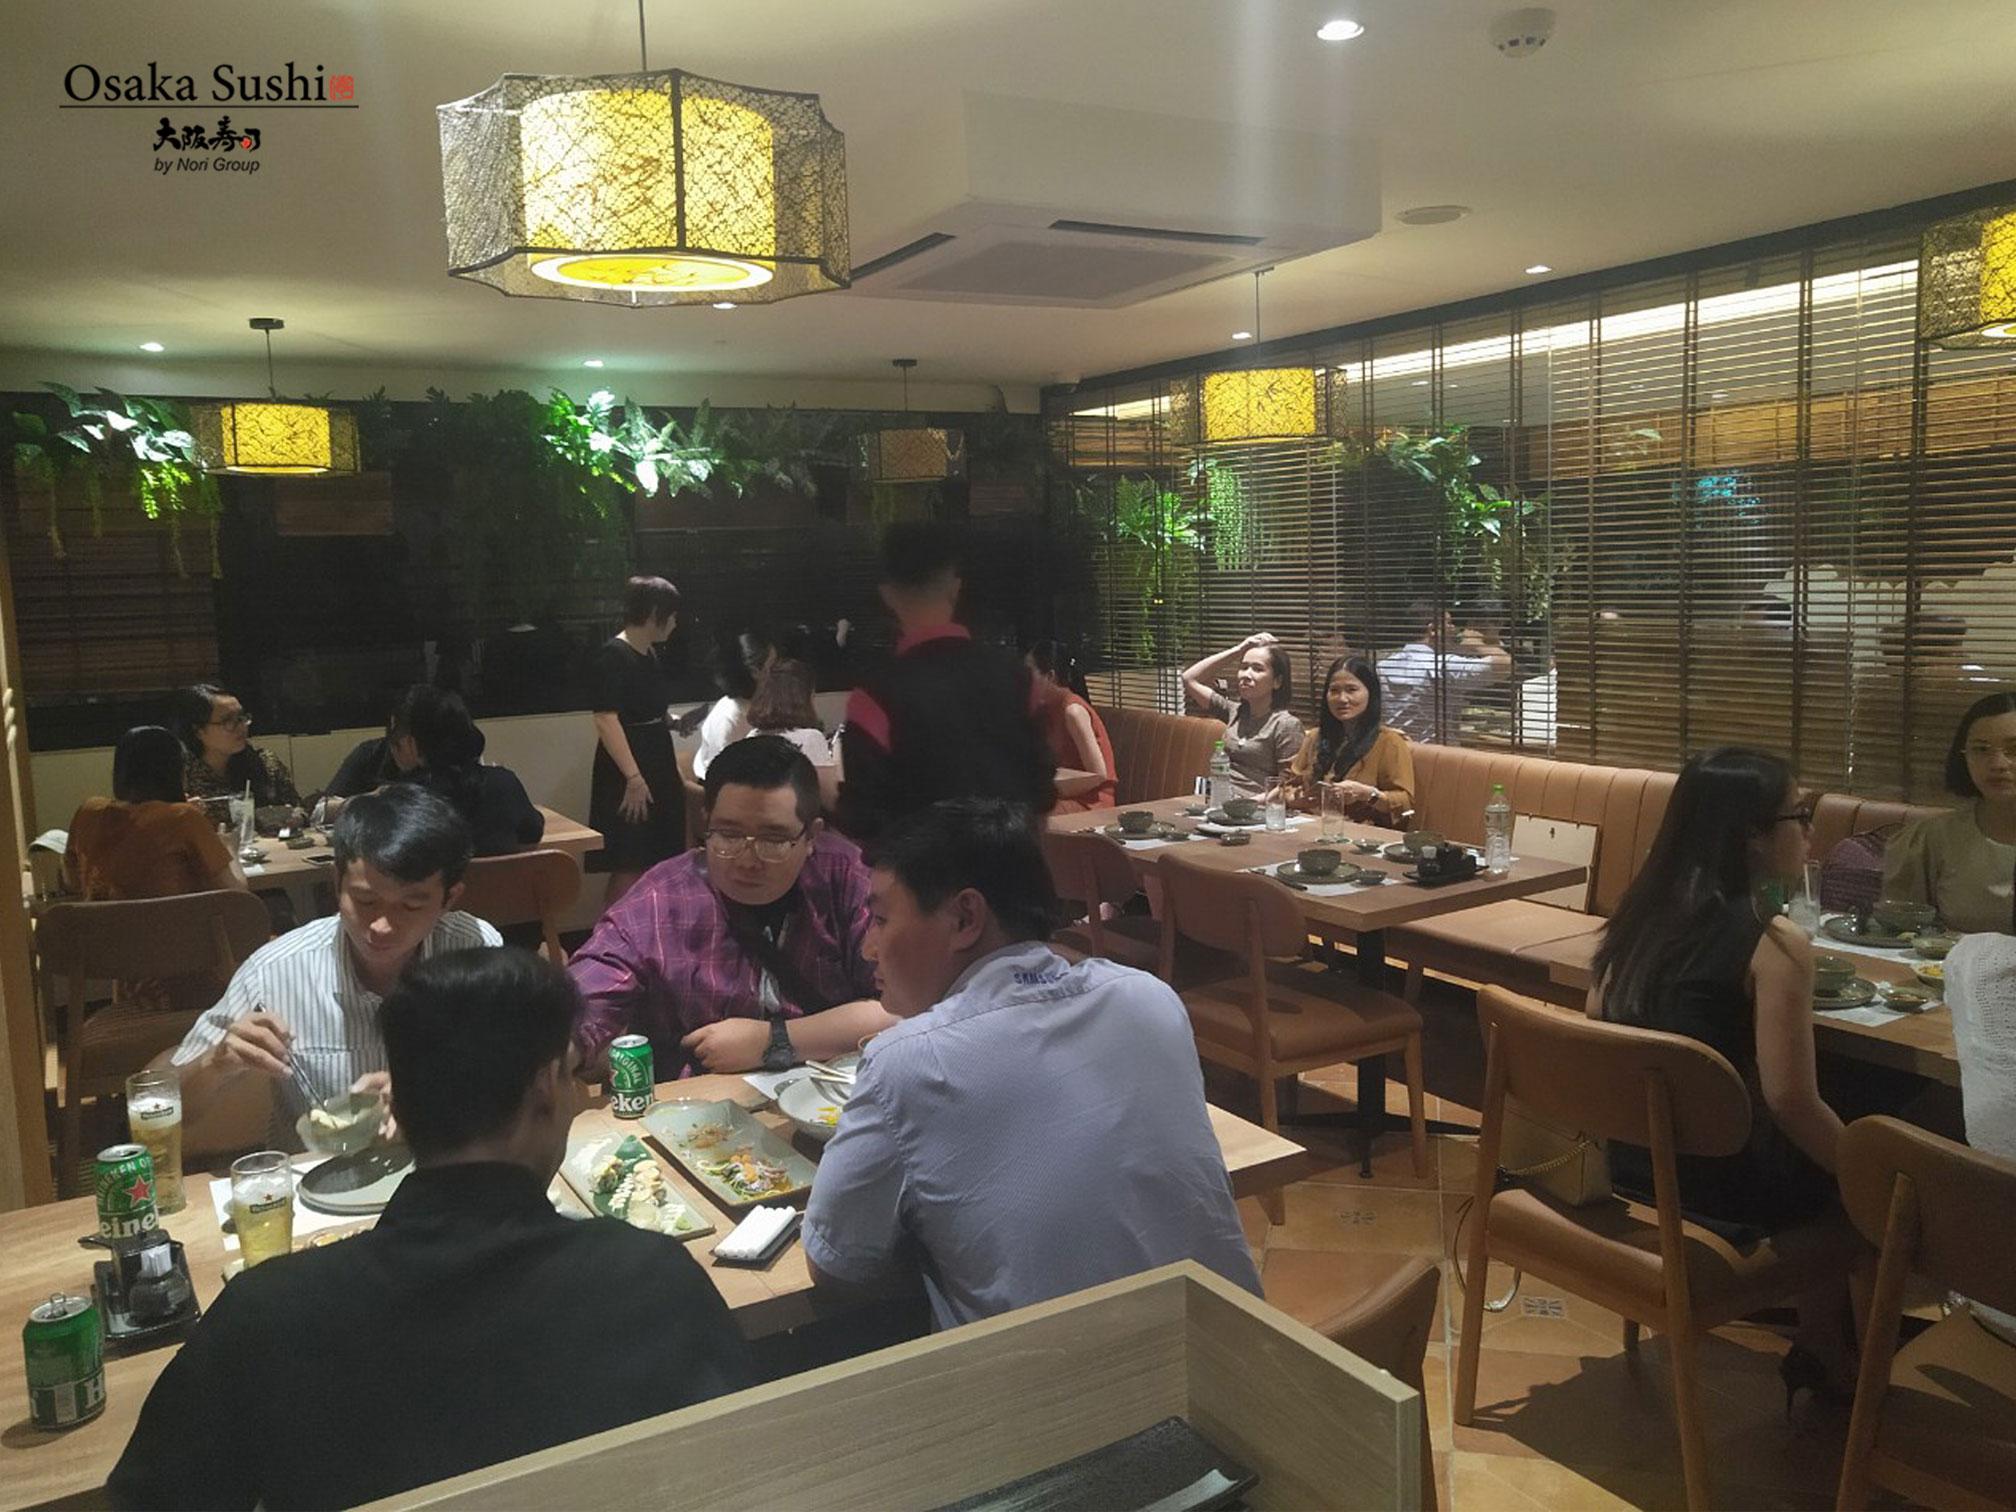 Không gian nhà hàng Osaka Sushi bạn bè & đồng nghiệp